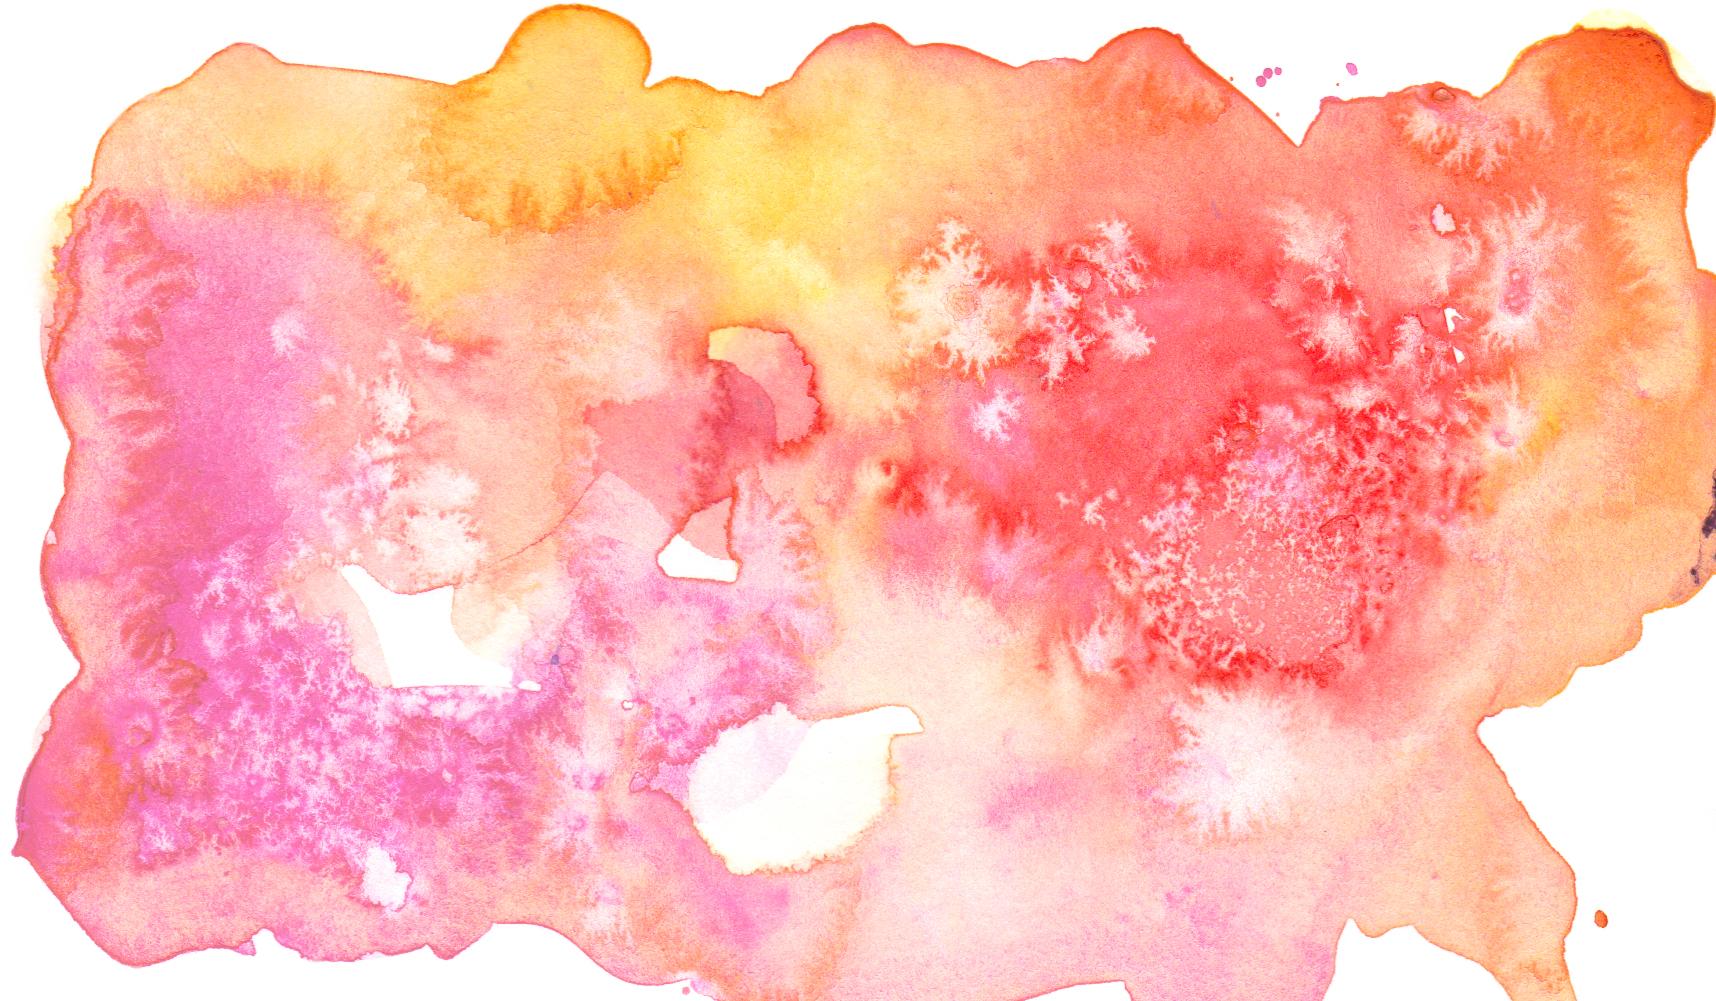 watercolor texture _MGaber 12.jpg